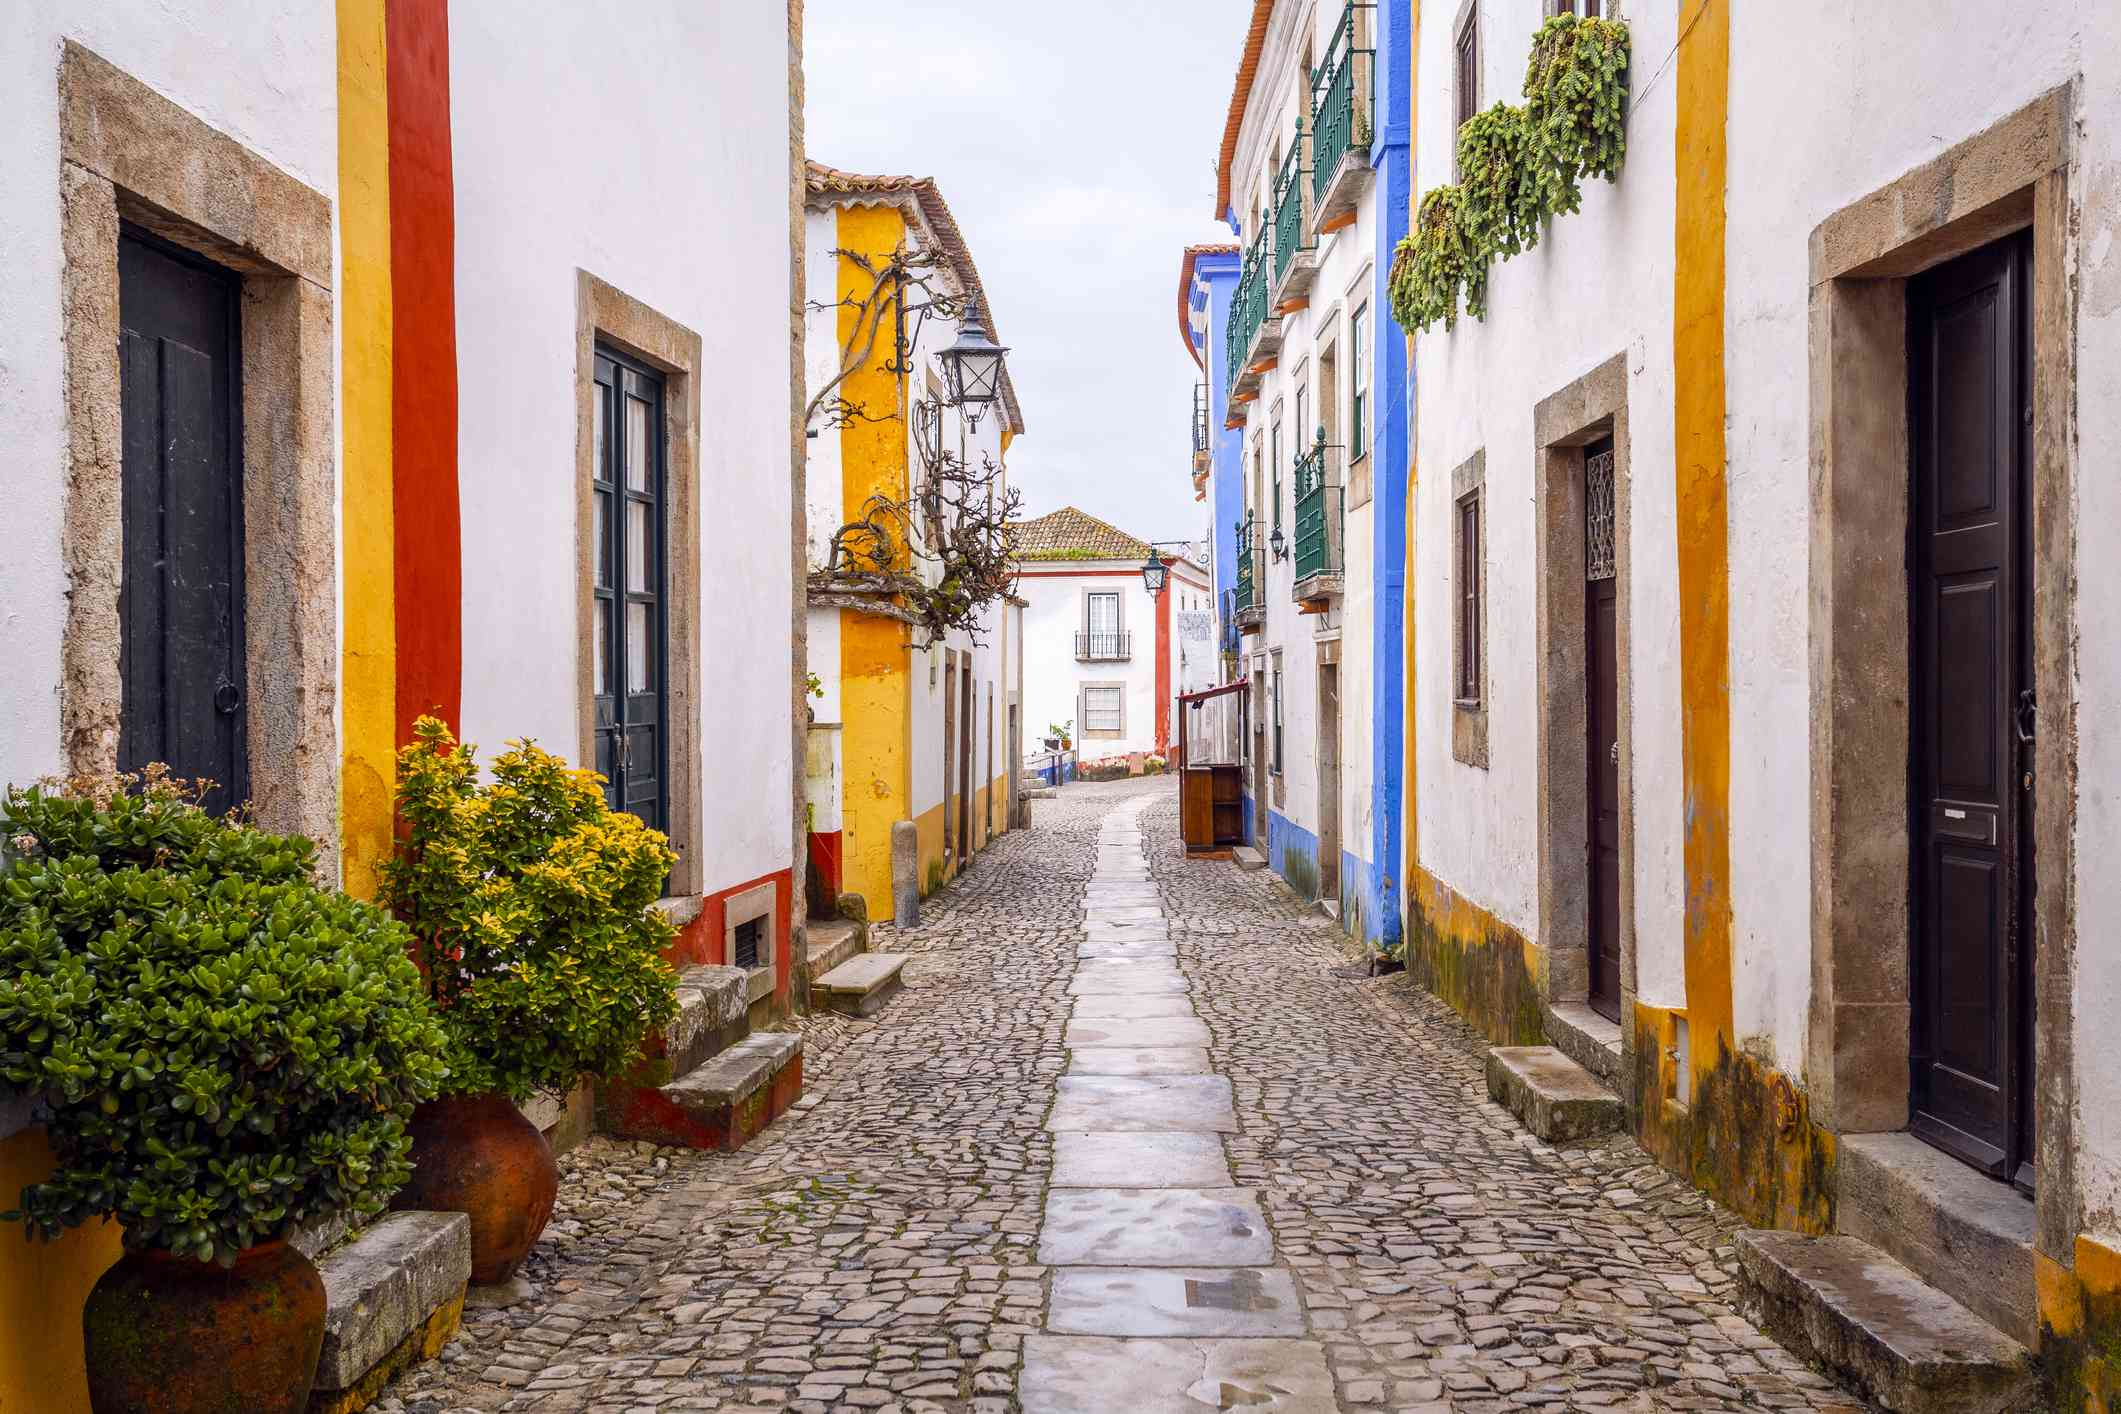 Calle colorida en Obidos, Portugal